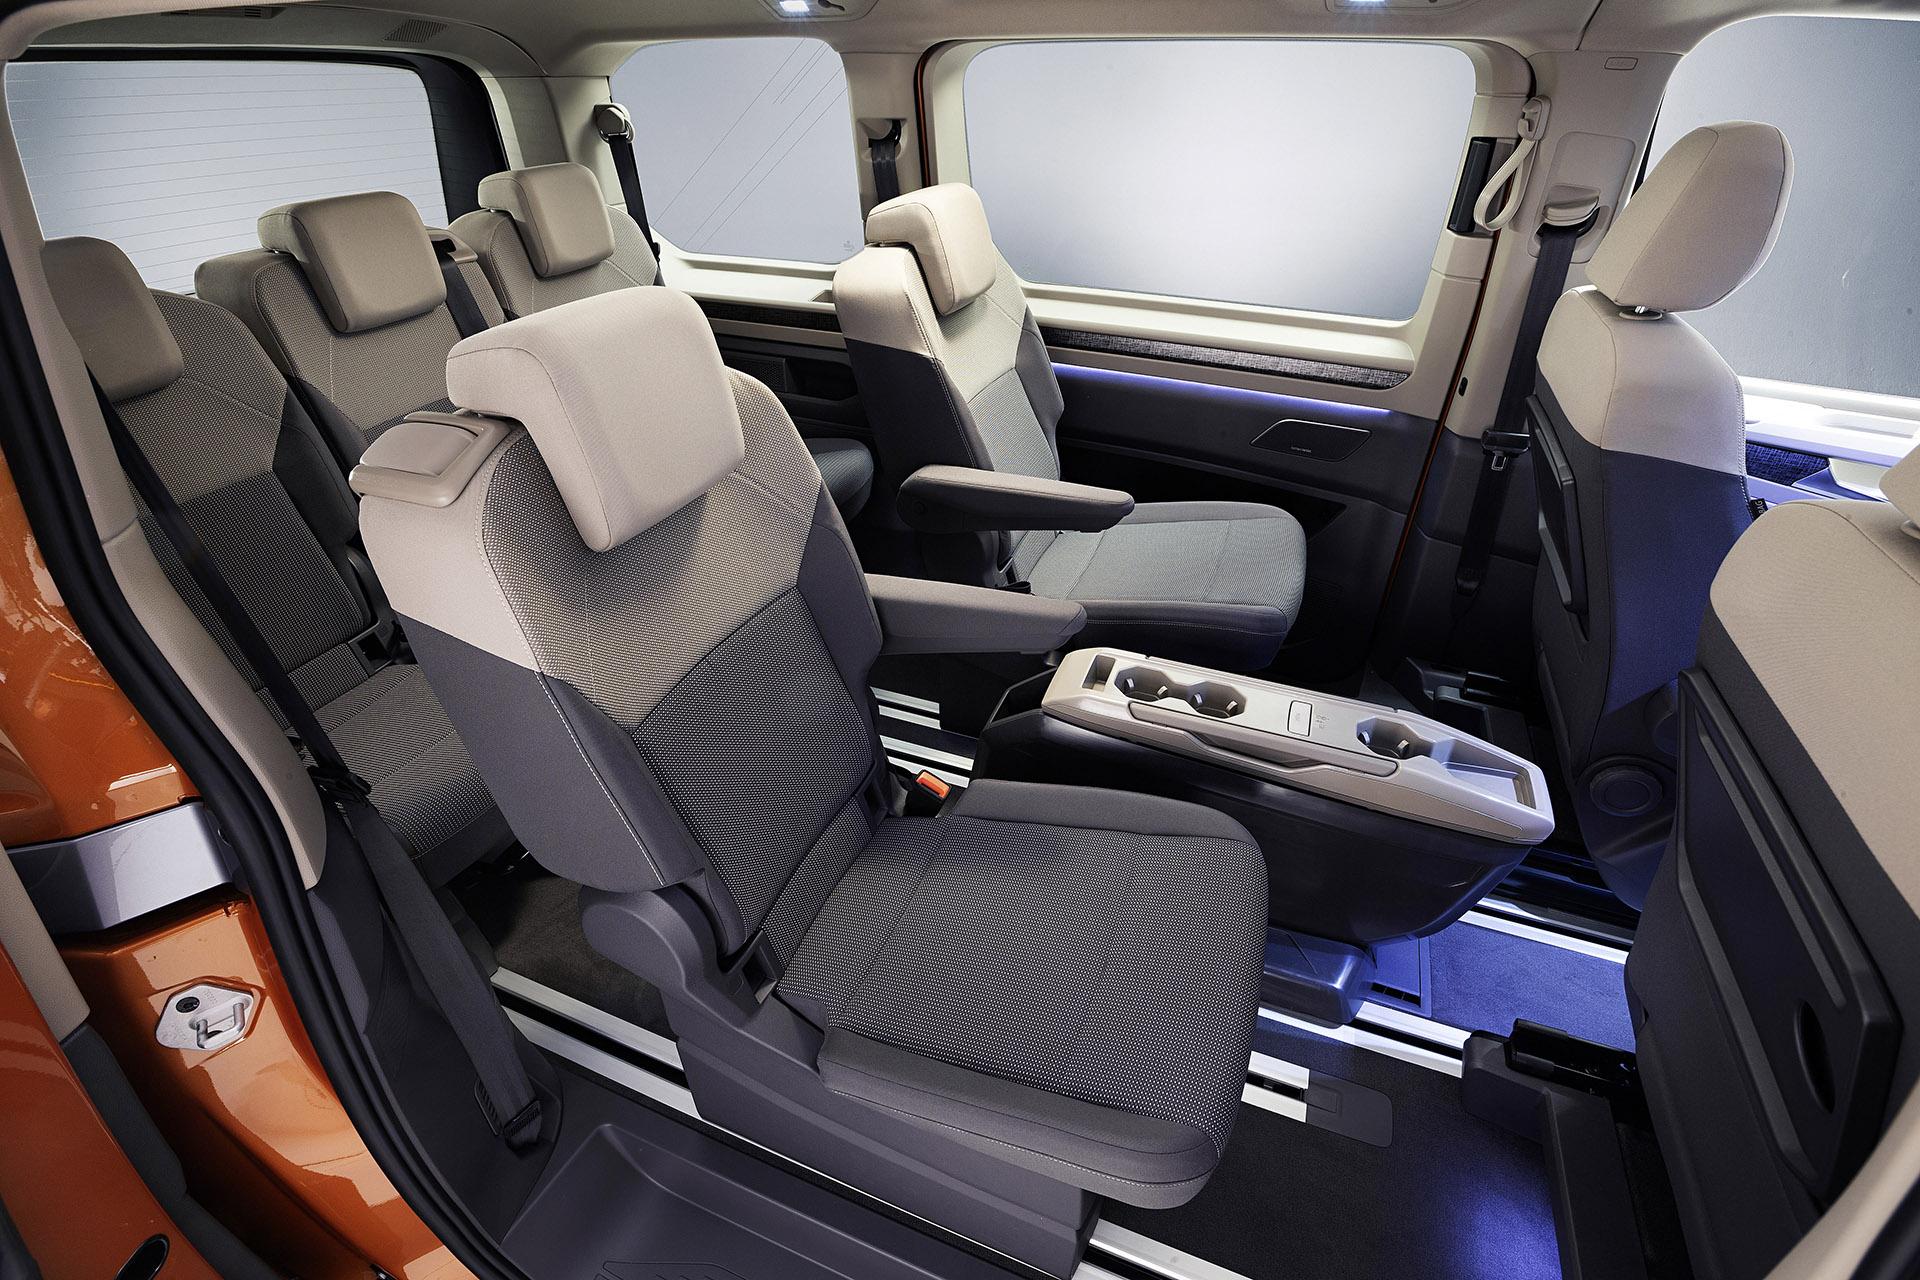 Volkswagent T7 Multivan interior 2